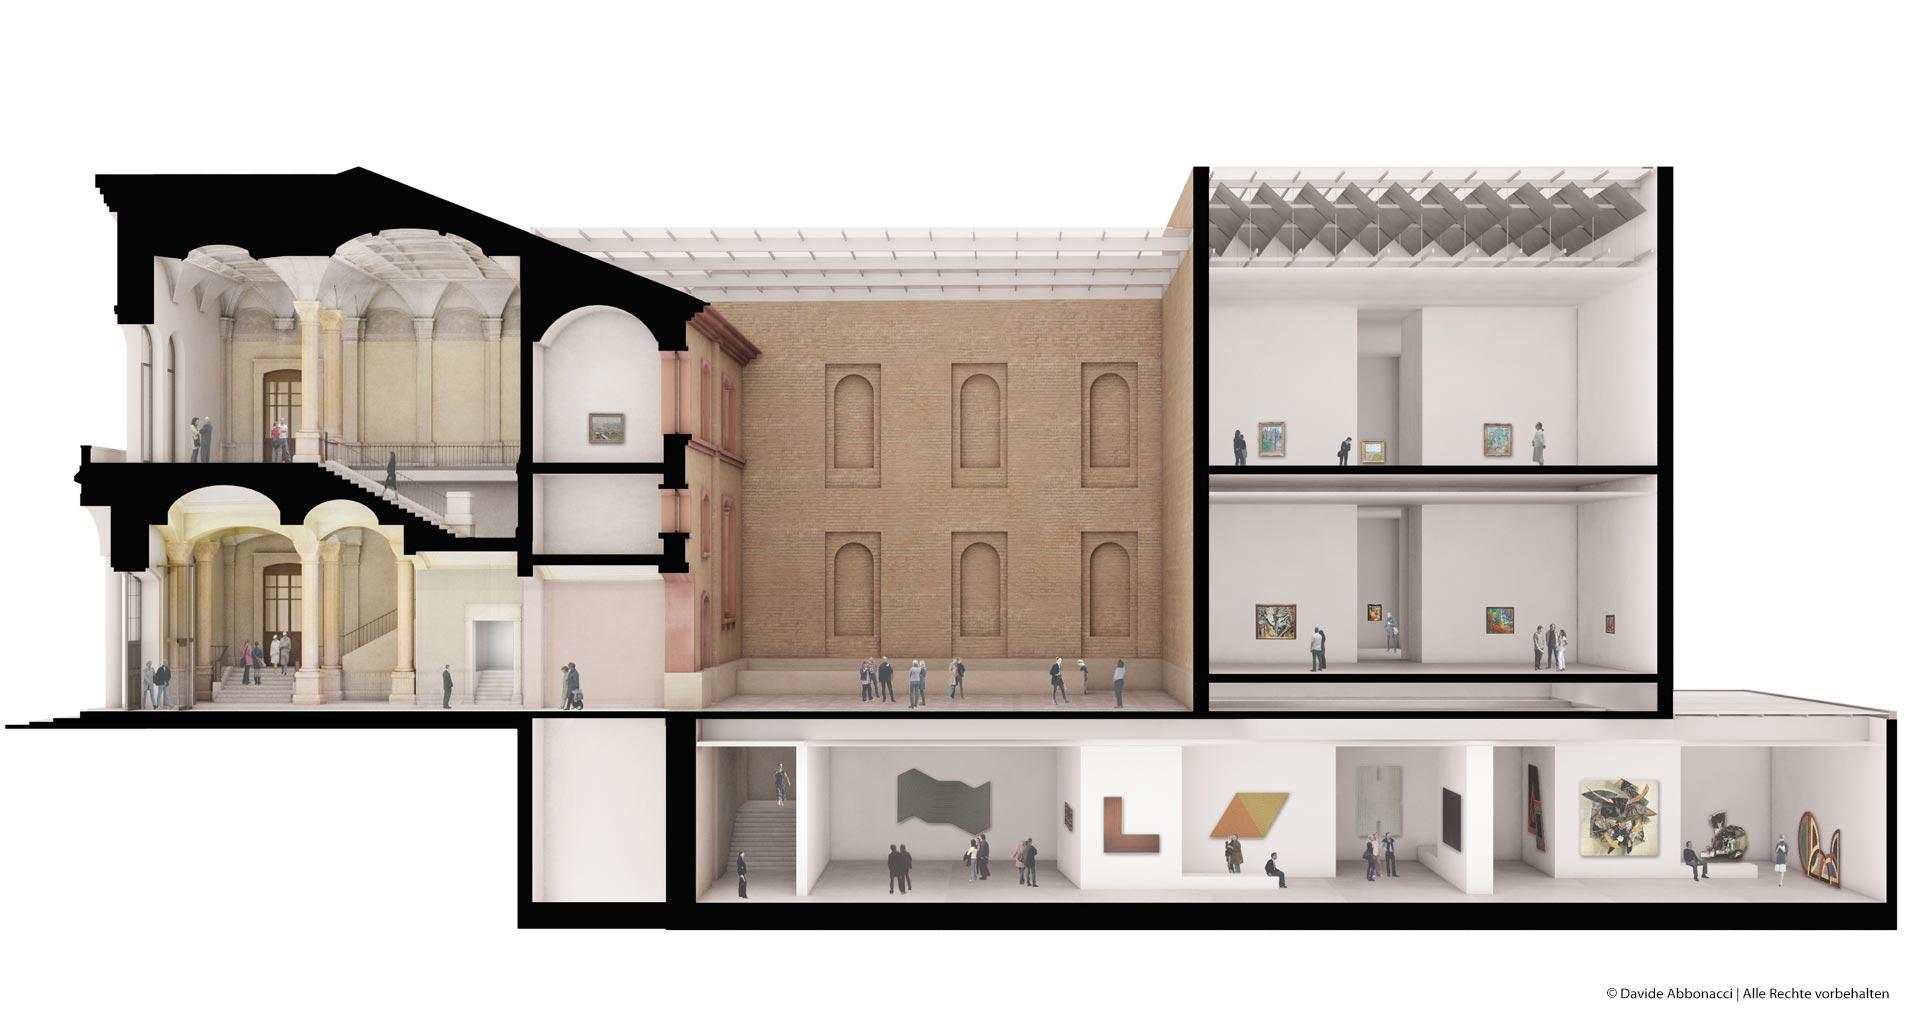 Staatliche Kunsthalle Karlsruhe   Kuehn Malvezzi Architekten   2012 Wettbewerbsvisualisierung